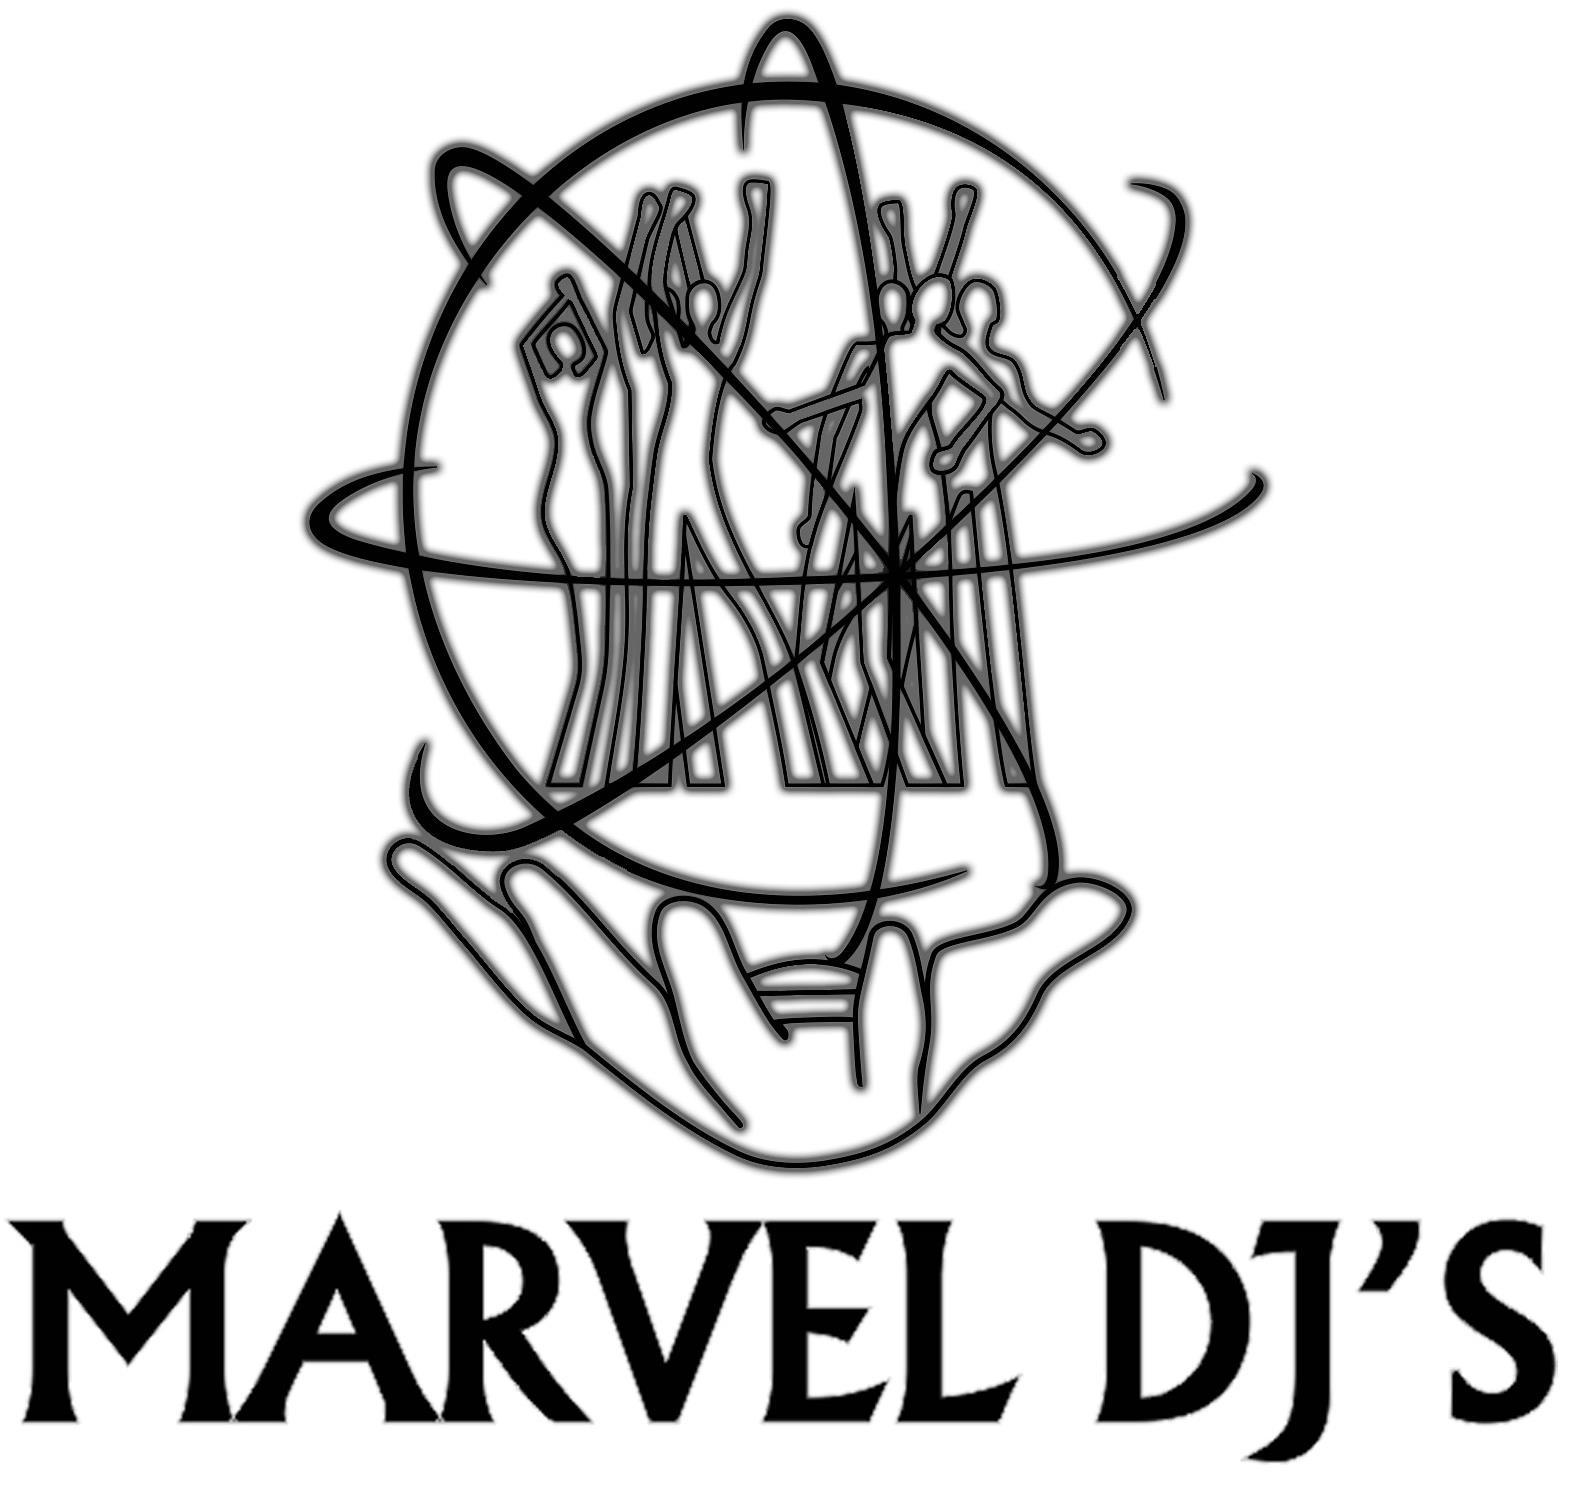 Alexandr Verminov - DJ Party (Live Takao bar 11.03.17) (Original Mix)